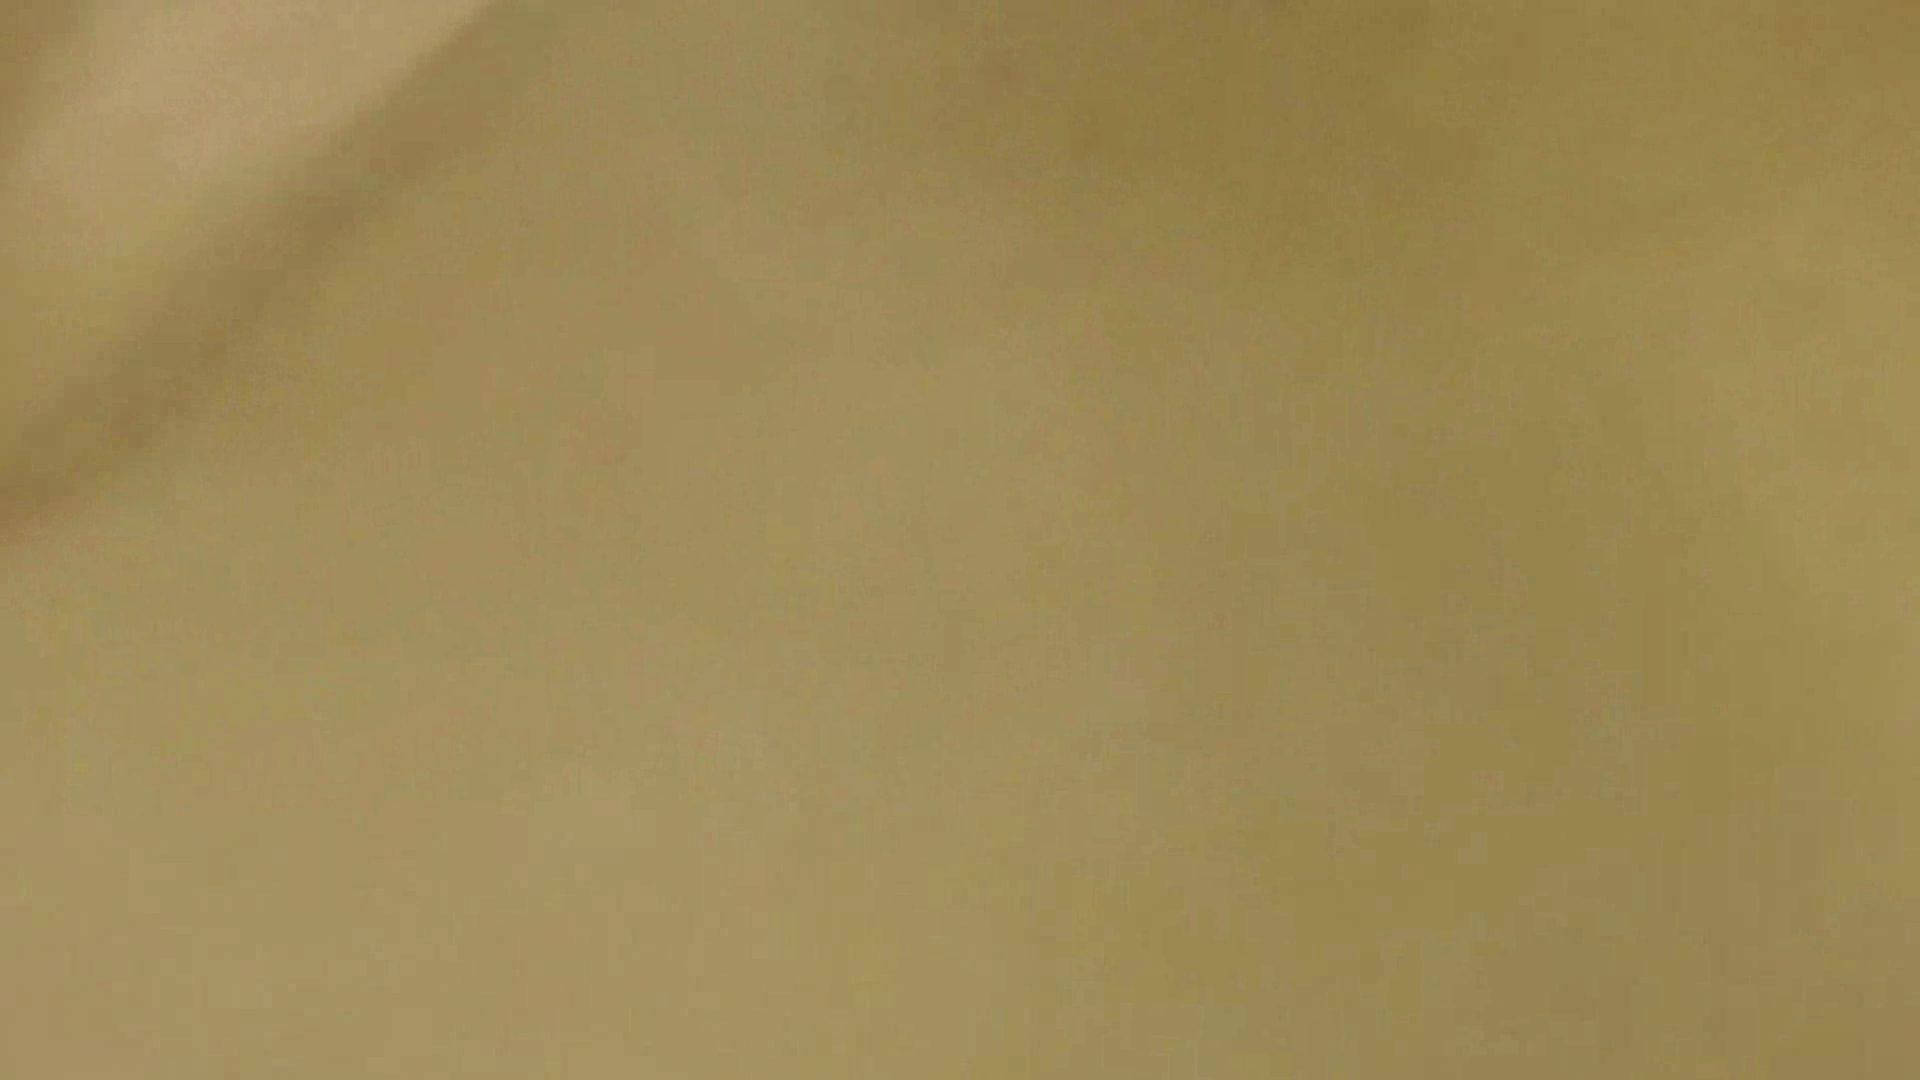 S級ギャルのハメ撮り!生チャット!Vol.24前編 ギャルのエロ生活 | OLのエロ生活  58連発 33